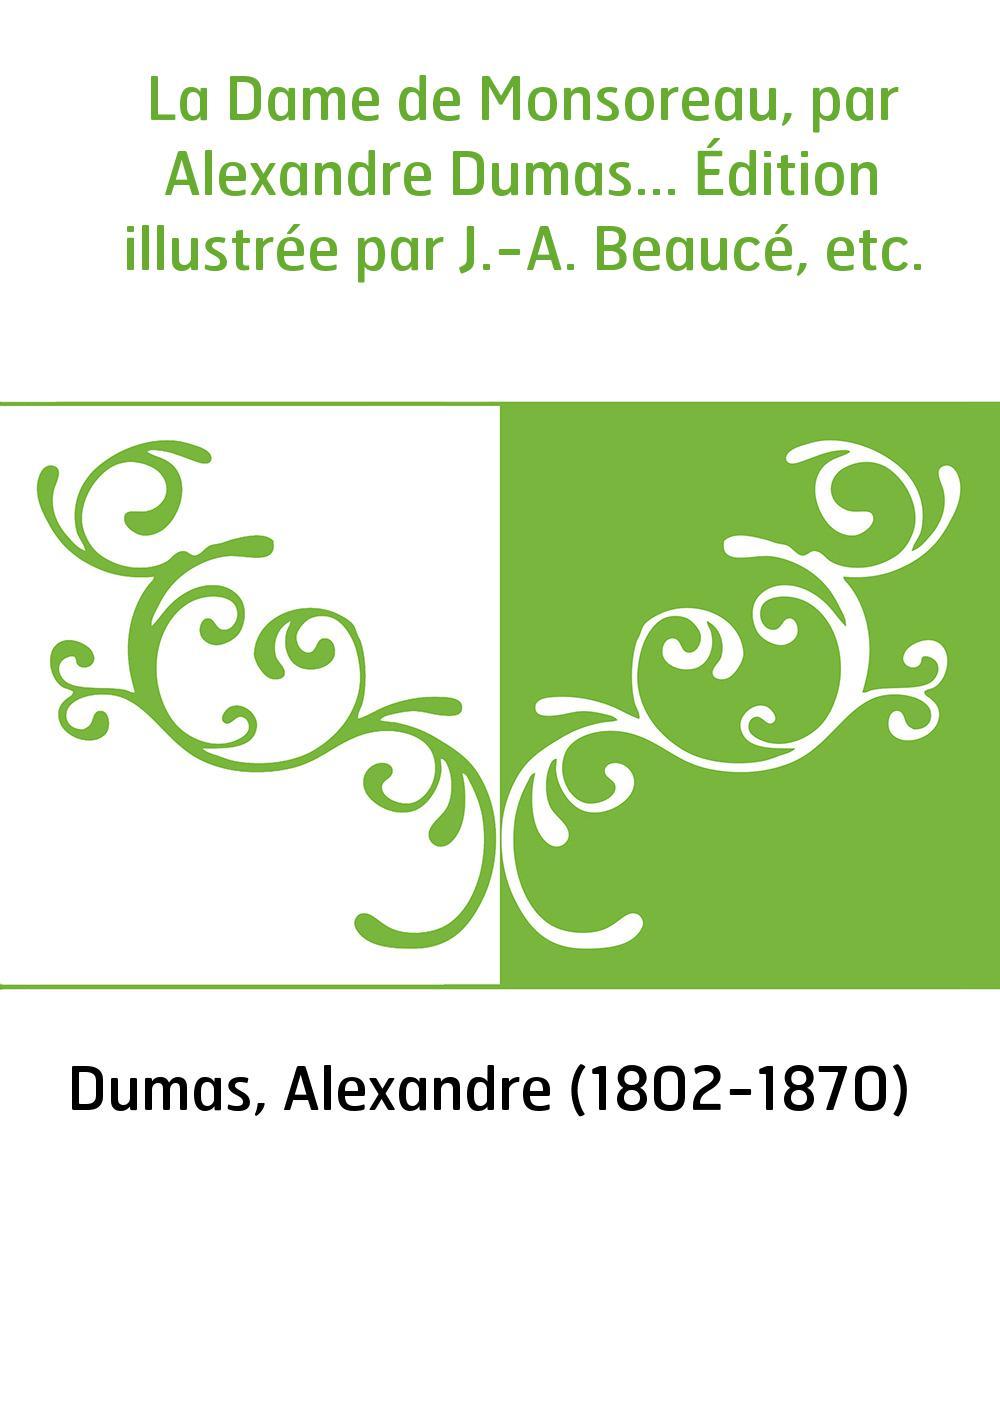 La Dame de Monsoreau, par Alexandre Dumas... Édition illustrée par J.-A. Beaucé, etc.